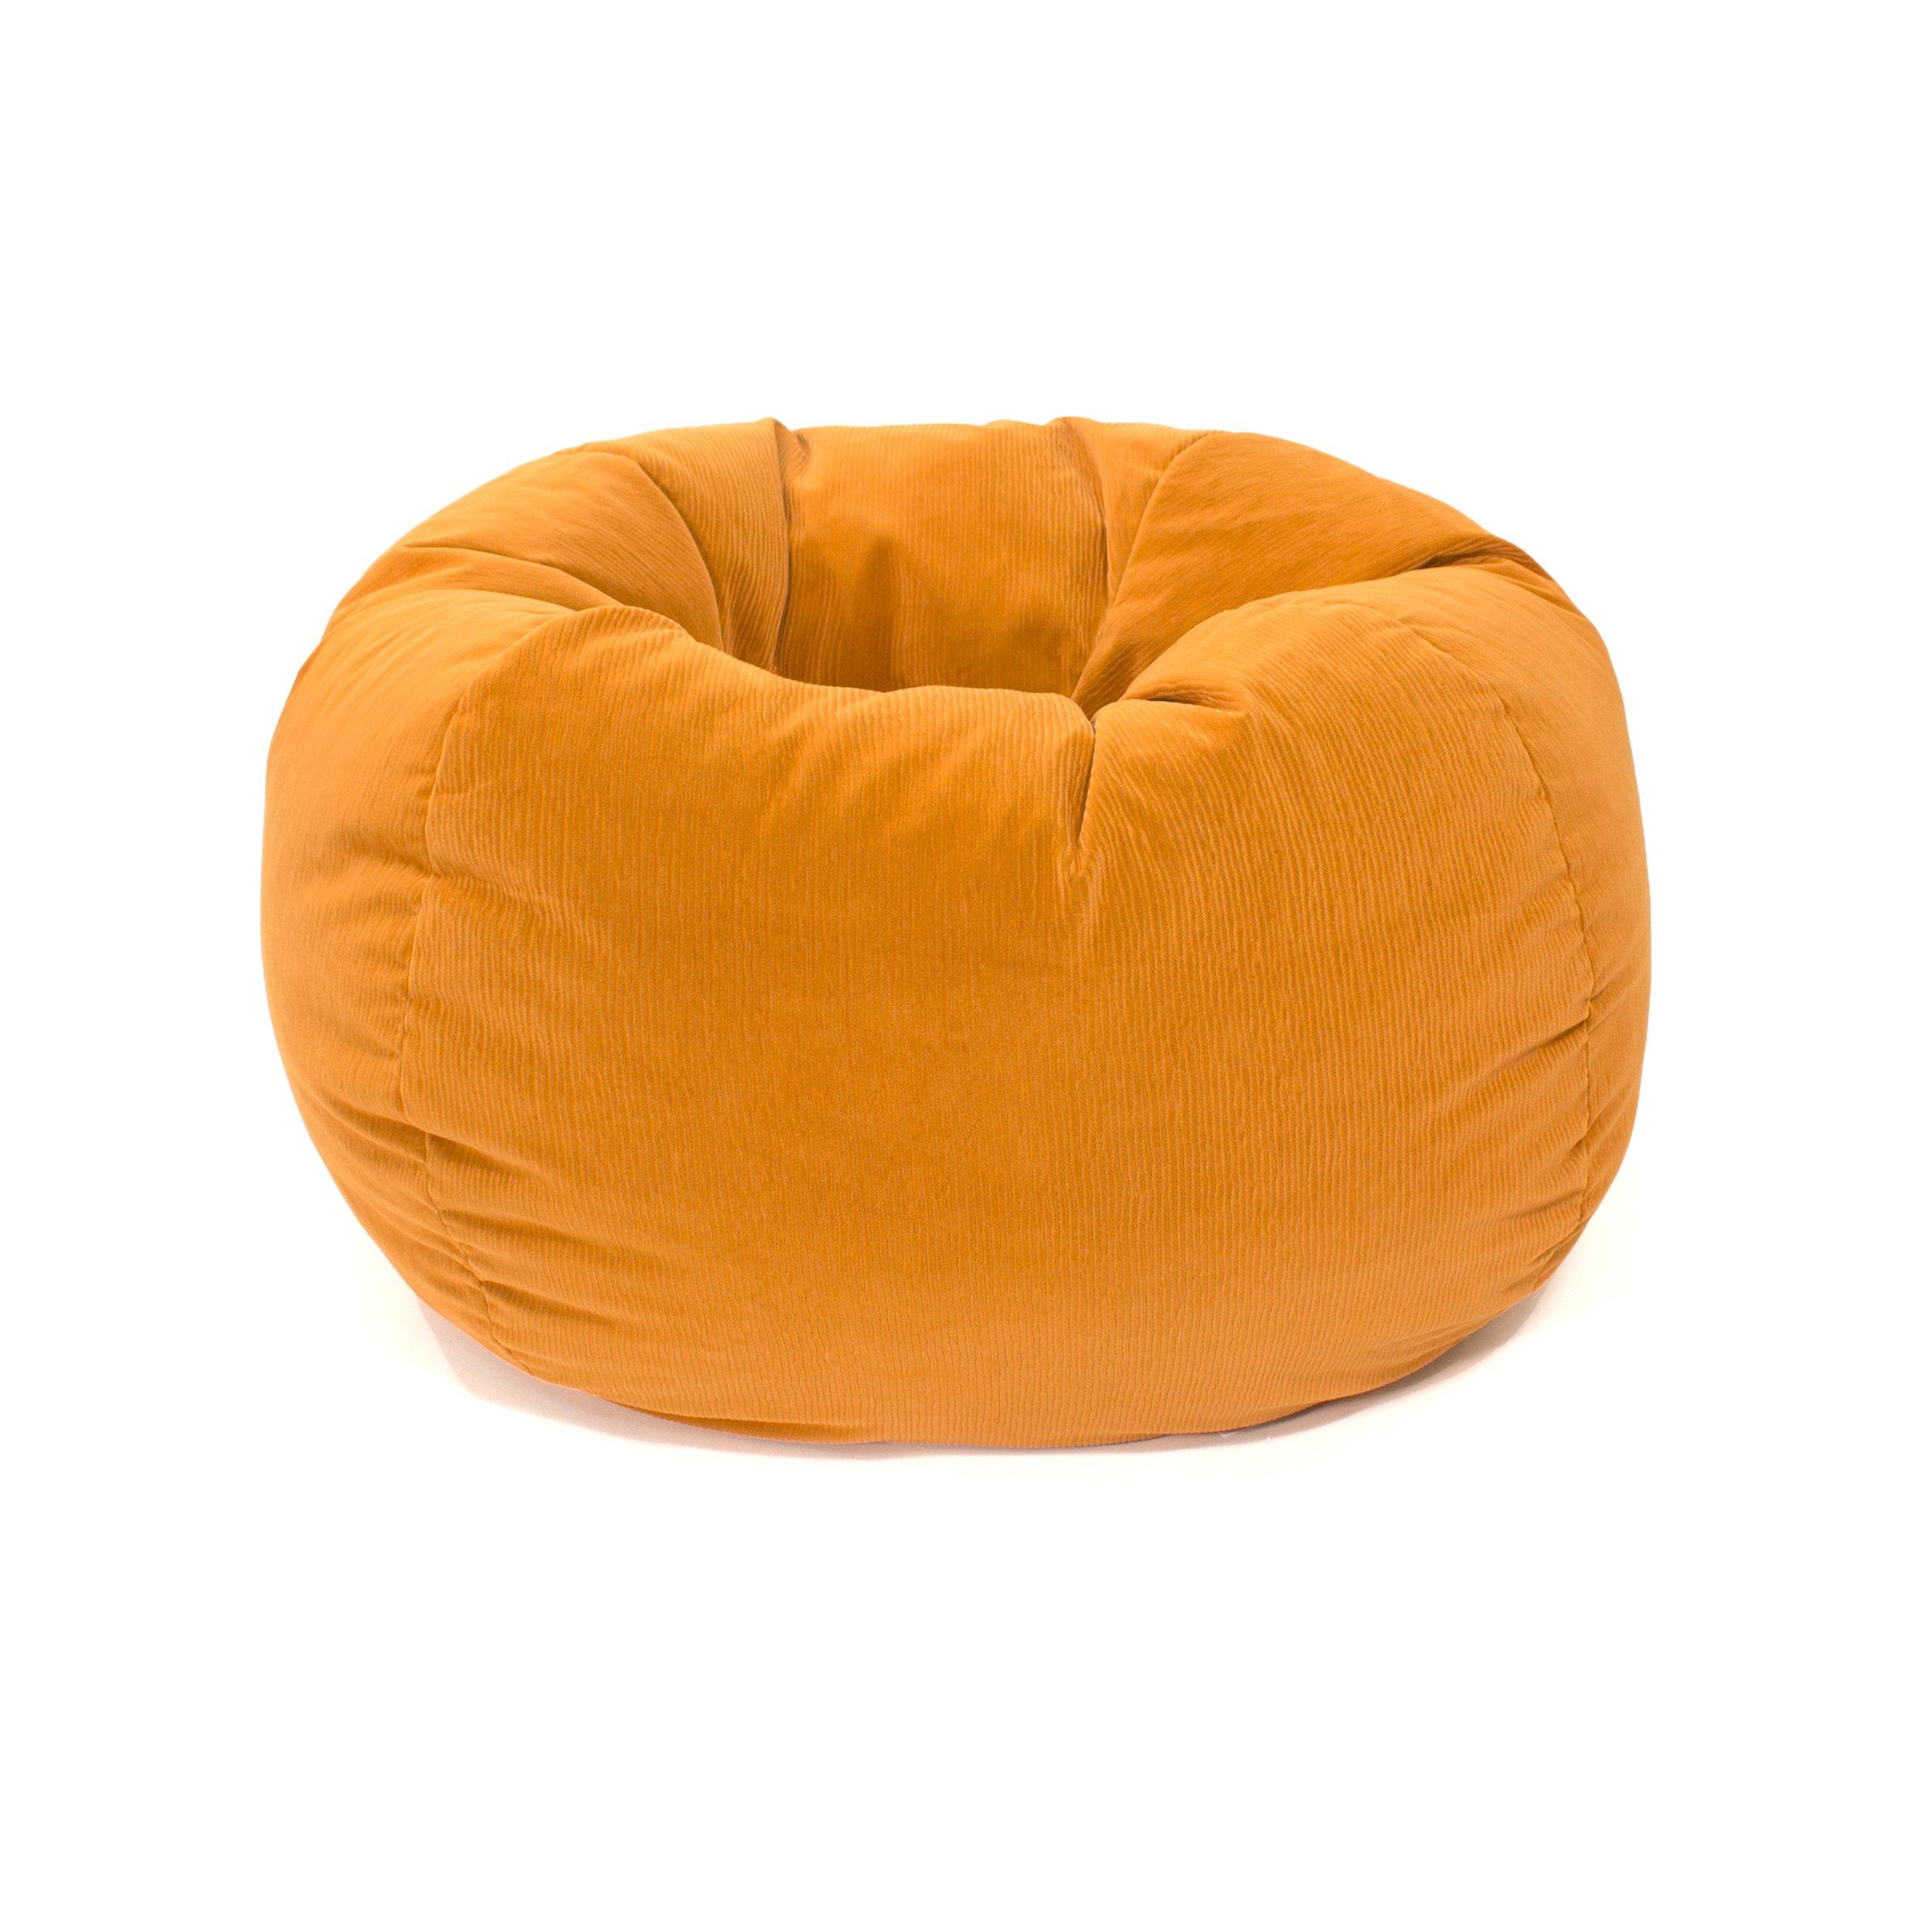 Gold Medal Bean Bags 30008459108 Small Bean Bag for Children, Orange Coduroy